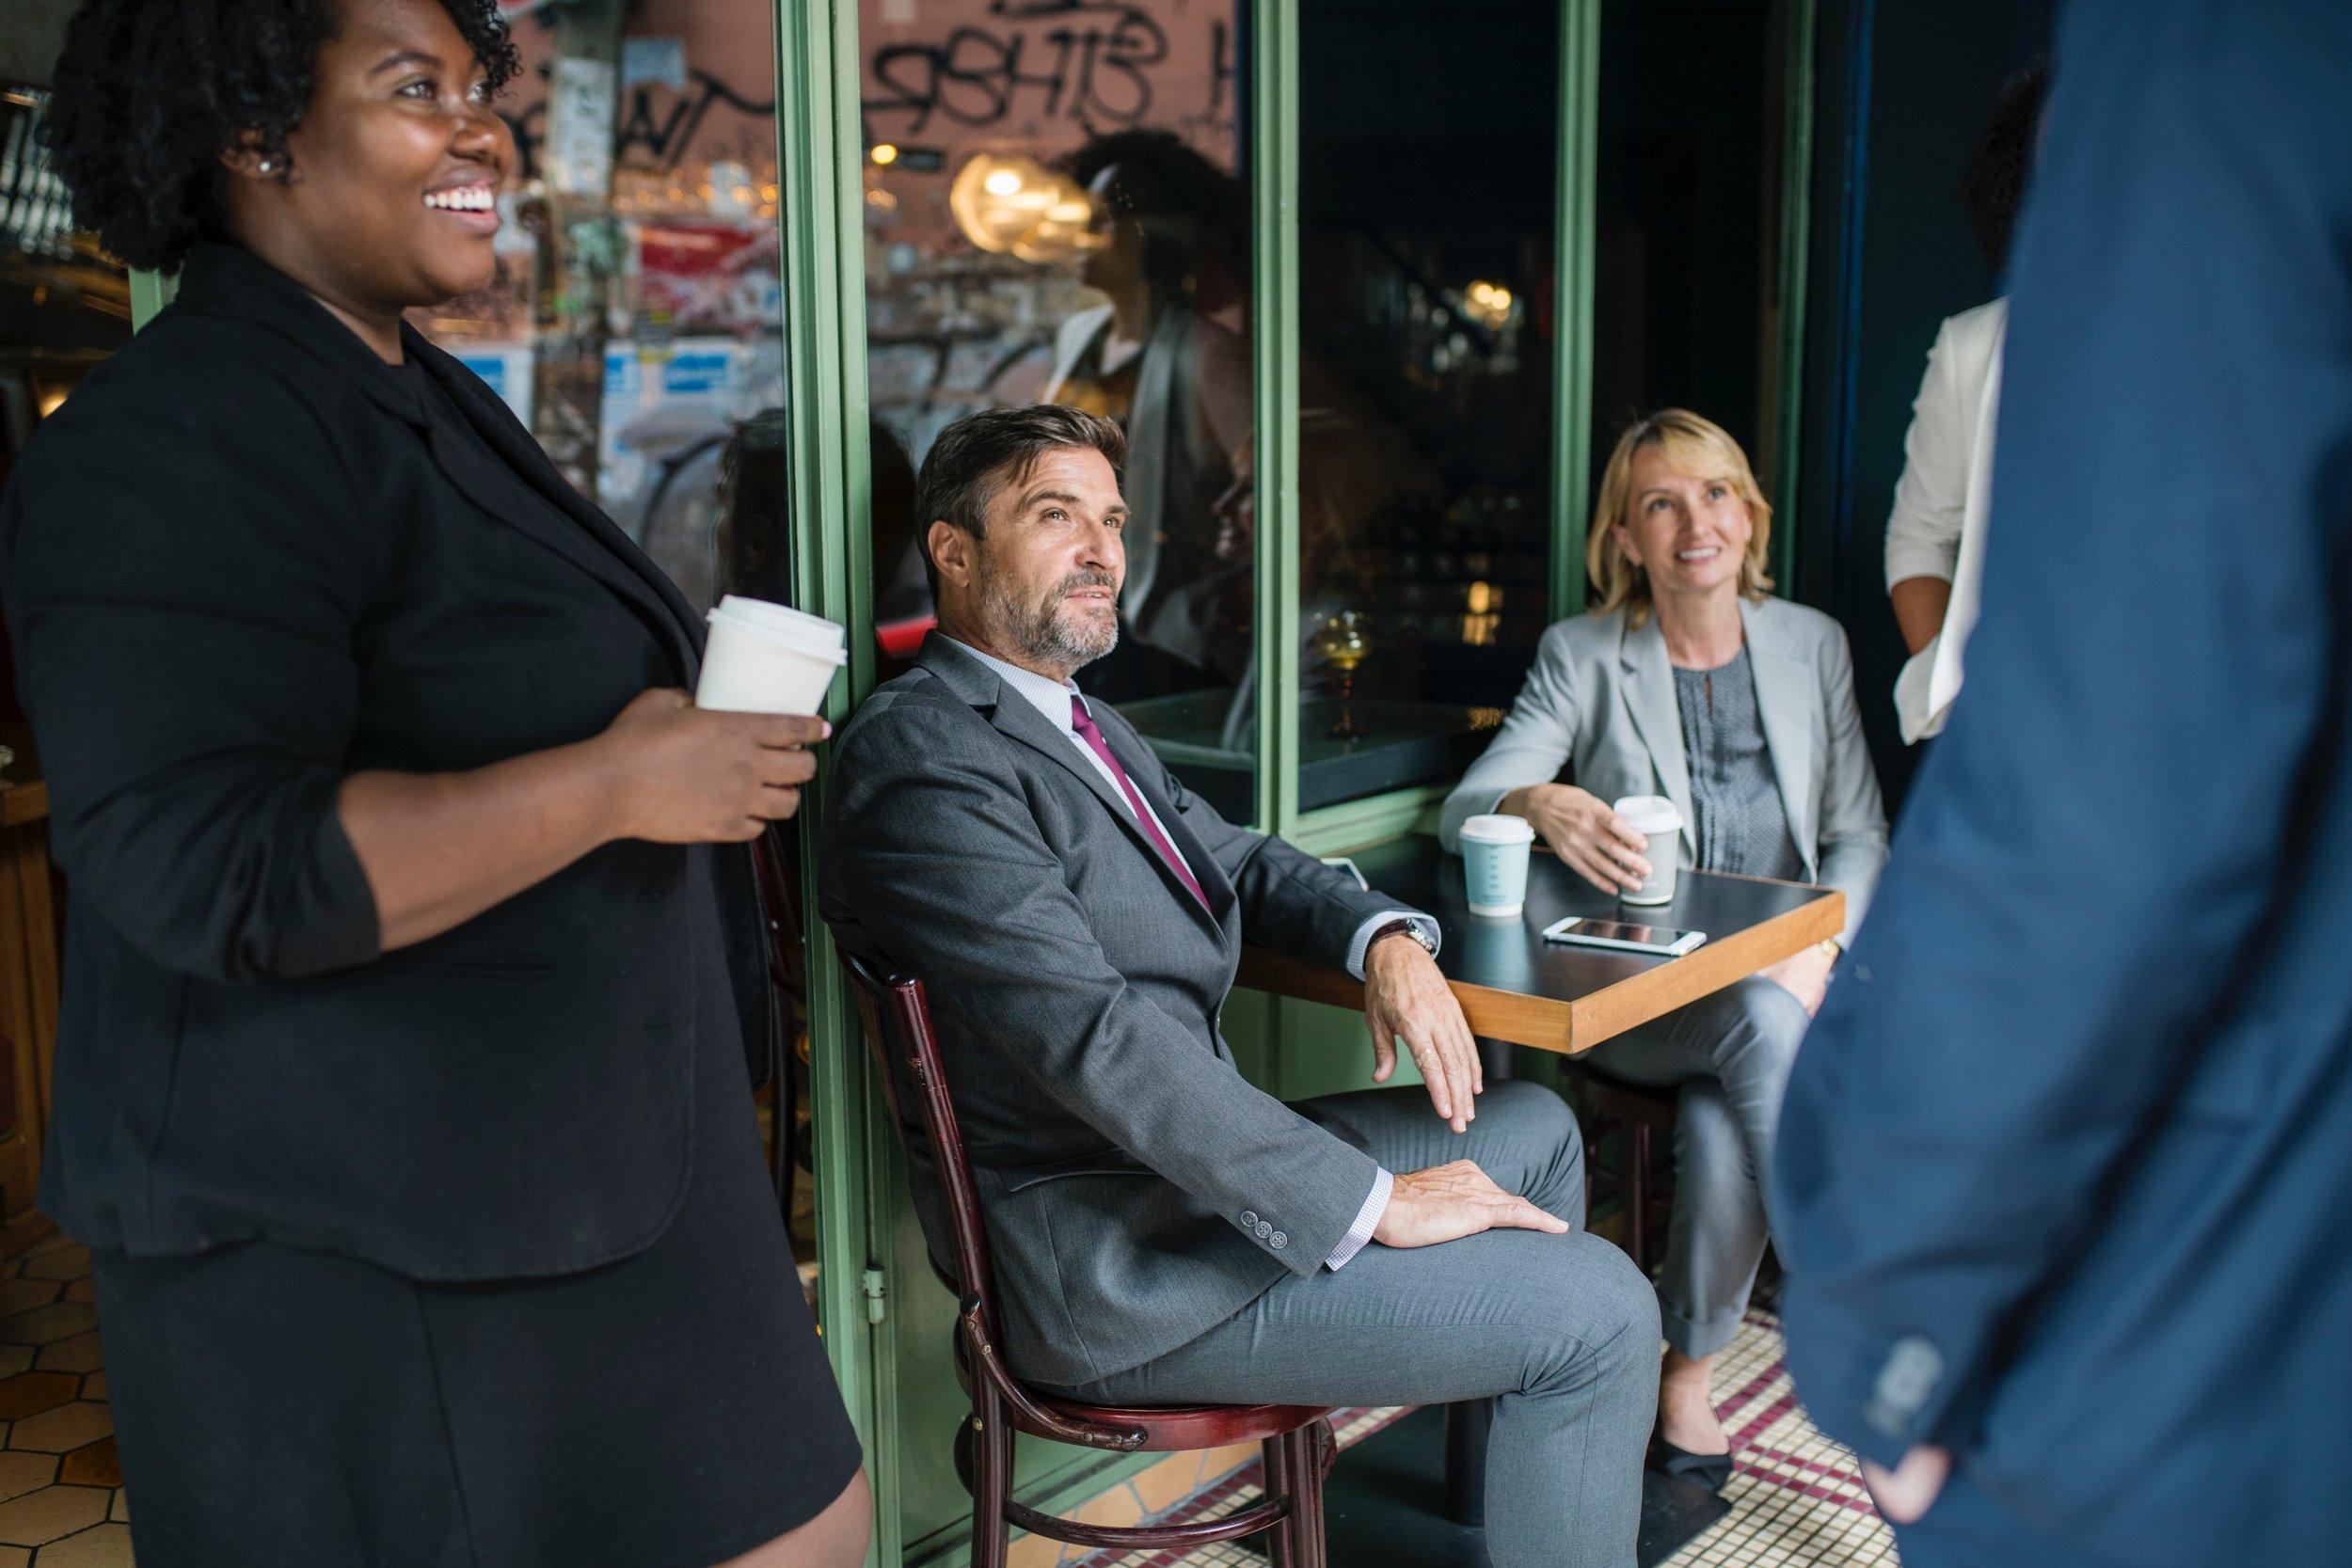 adults-break-business-people-1451453.jpg